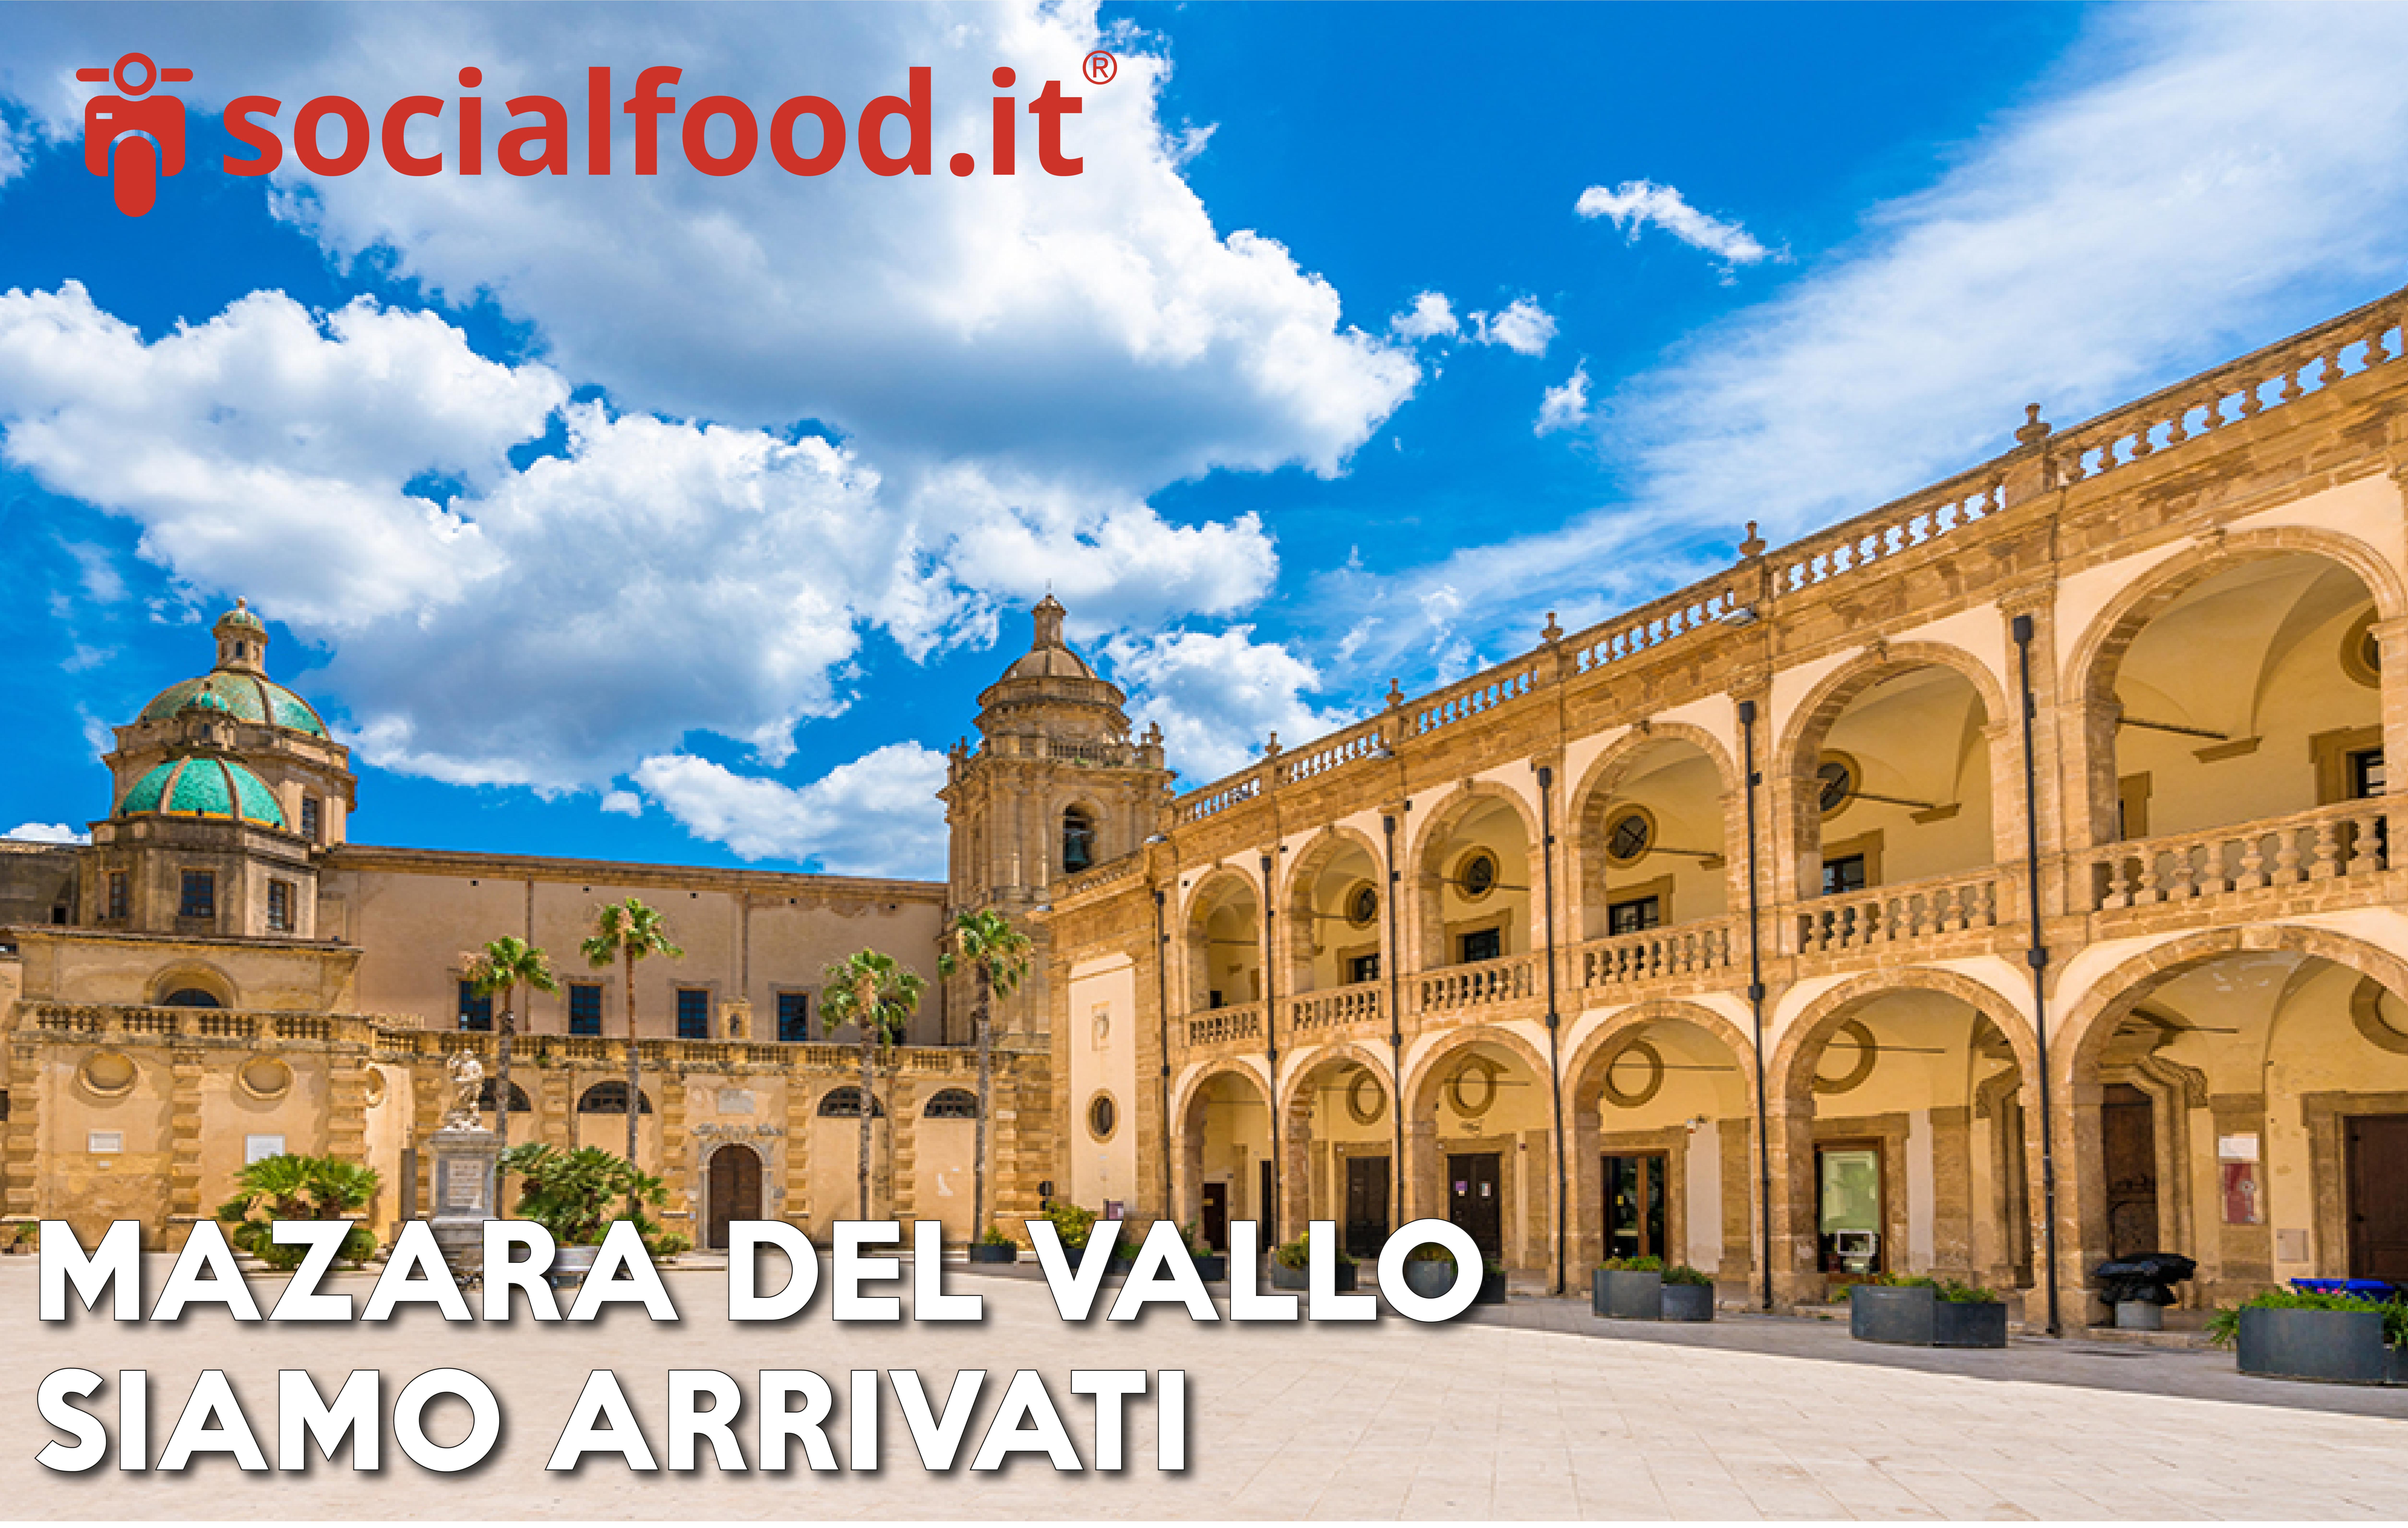 Socialfood.it : anche a Mazara del Vallo sarà possibile ordinare cibo direttamente da casa